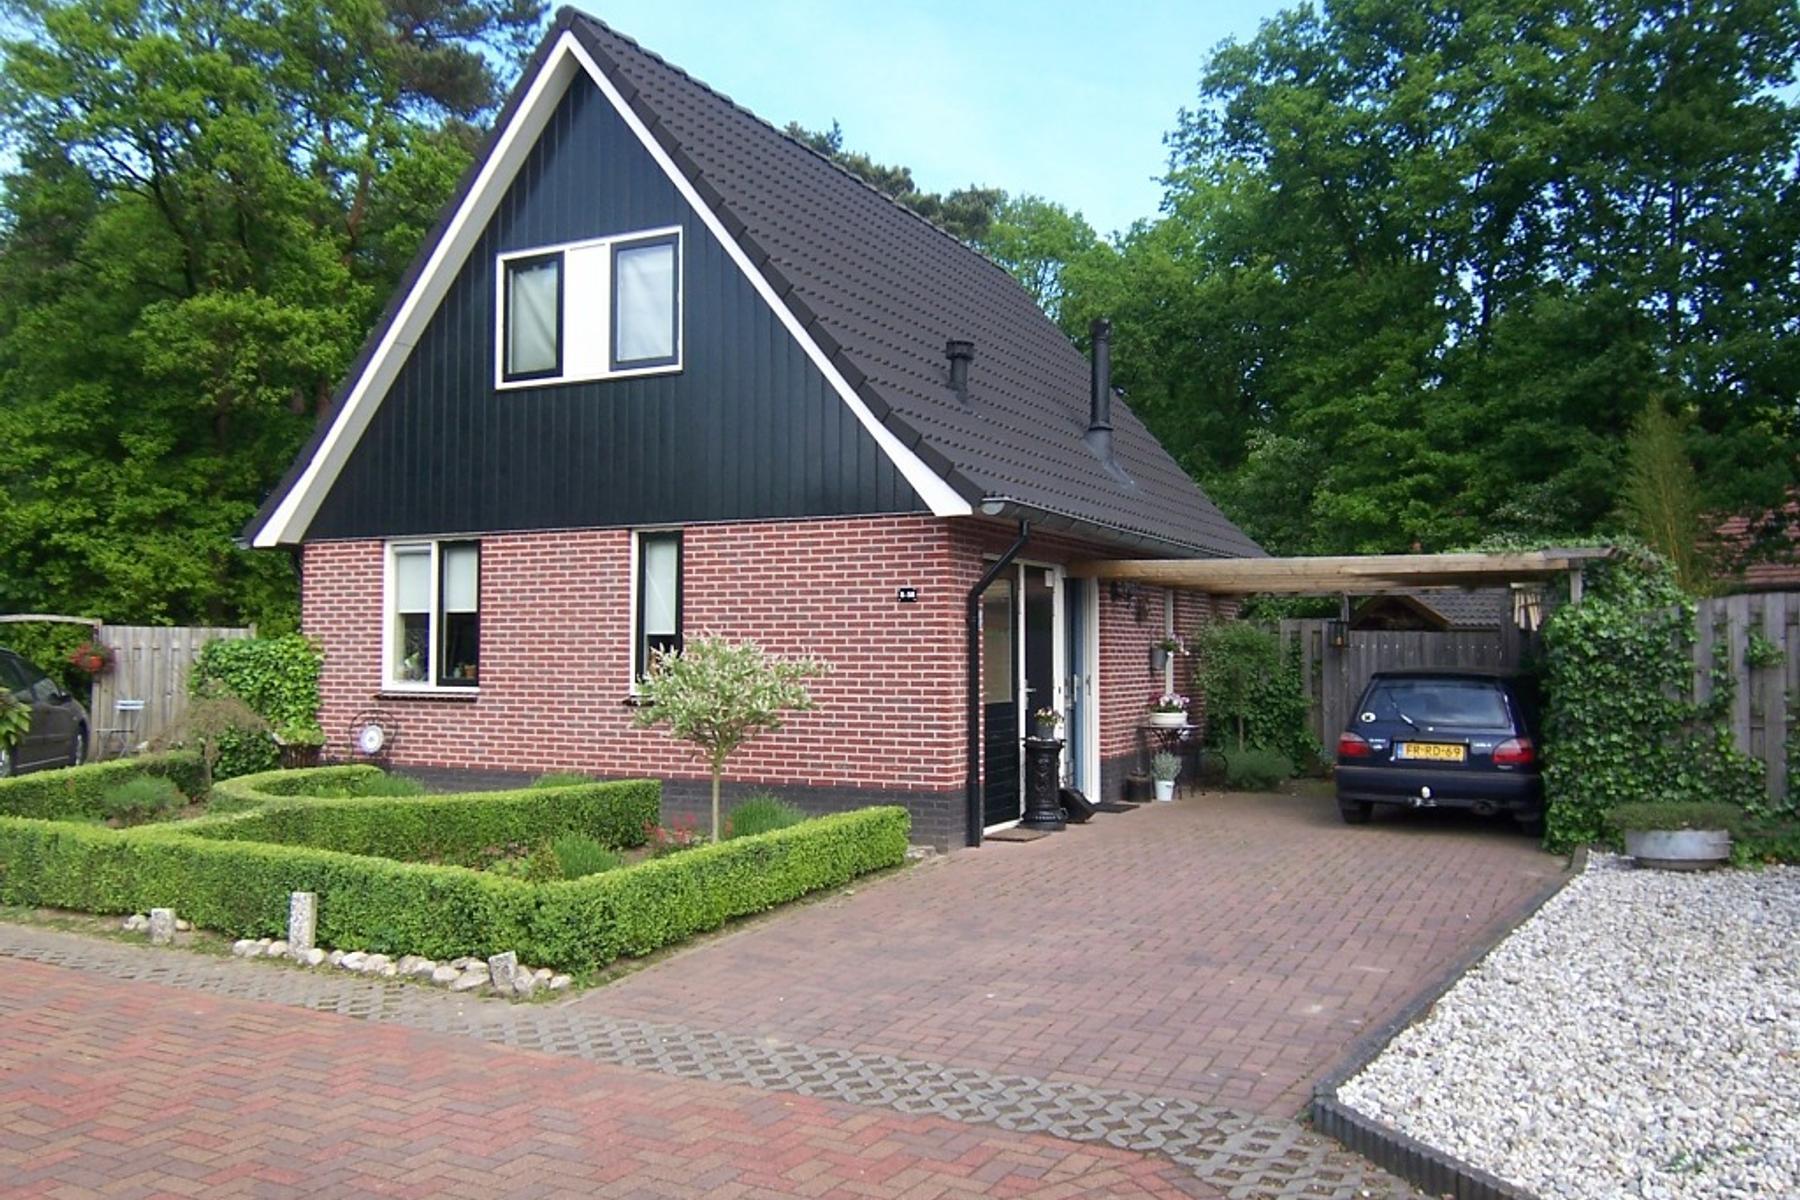 Meekertweg 8 56 in winterswijk 7102 ge woonhuis te koop for Vrijstaand huis achterhoek